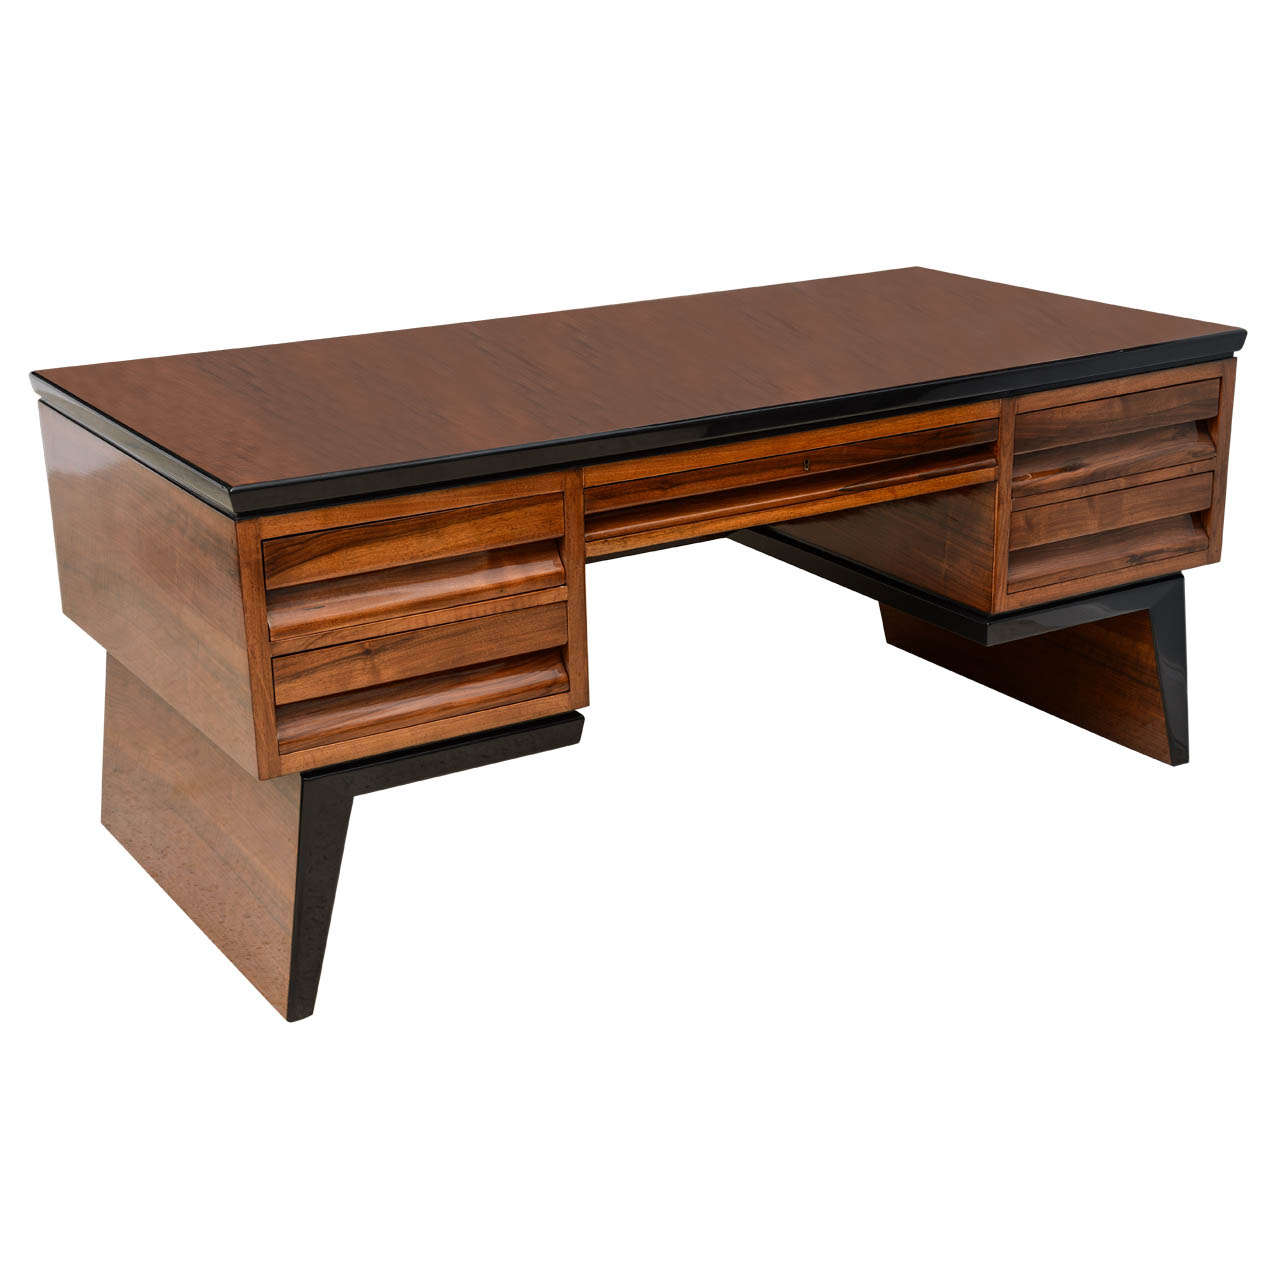 Fine italian modern walnut executive desk borsani for for Modern office desk for sale